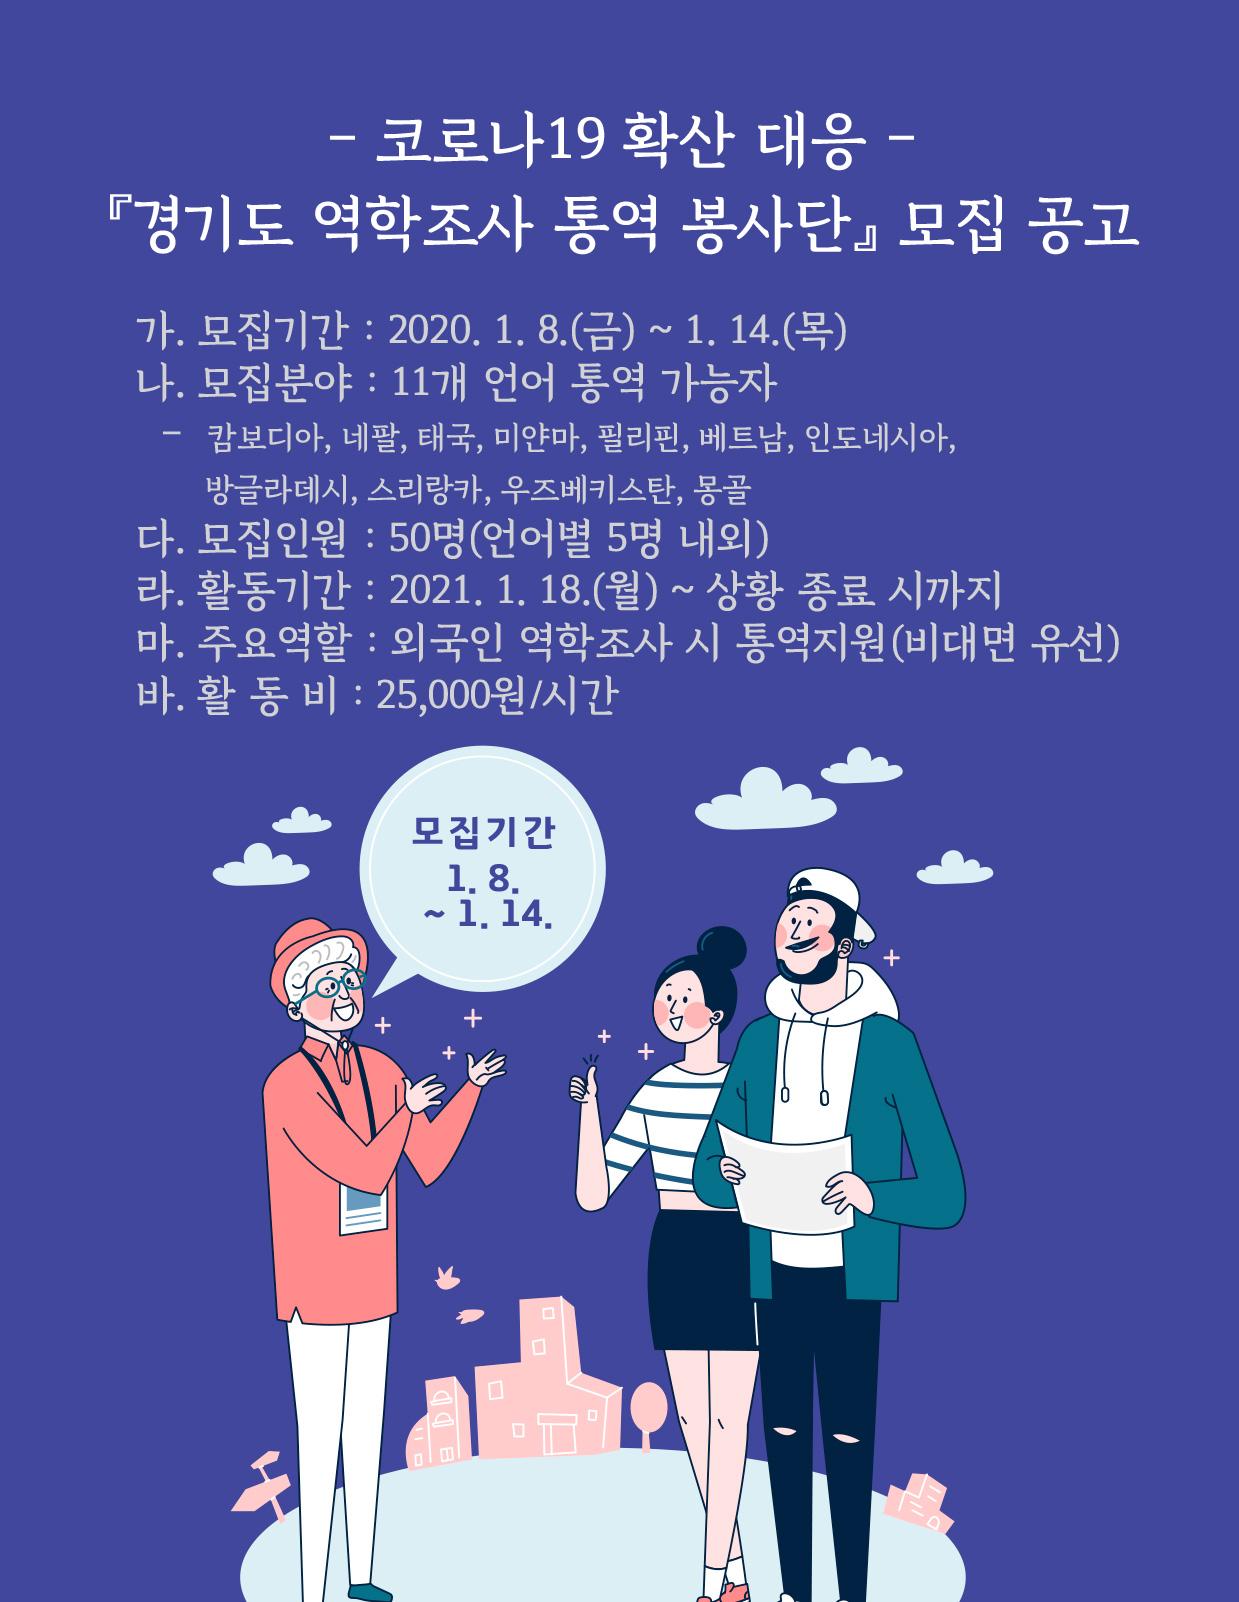 경기도 역학조사 통역 봉사단 모집 공고